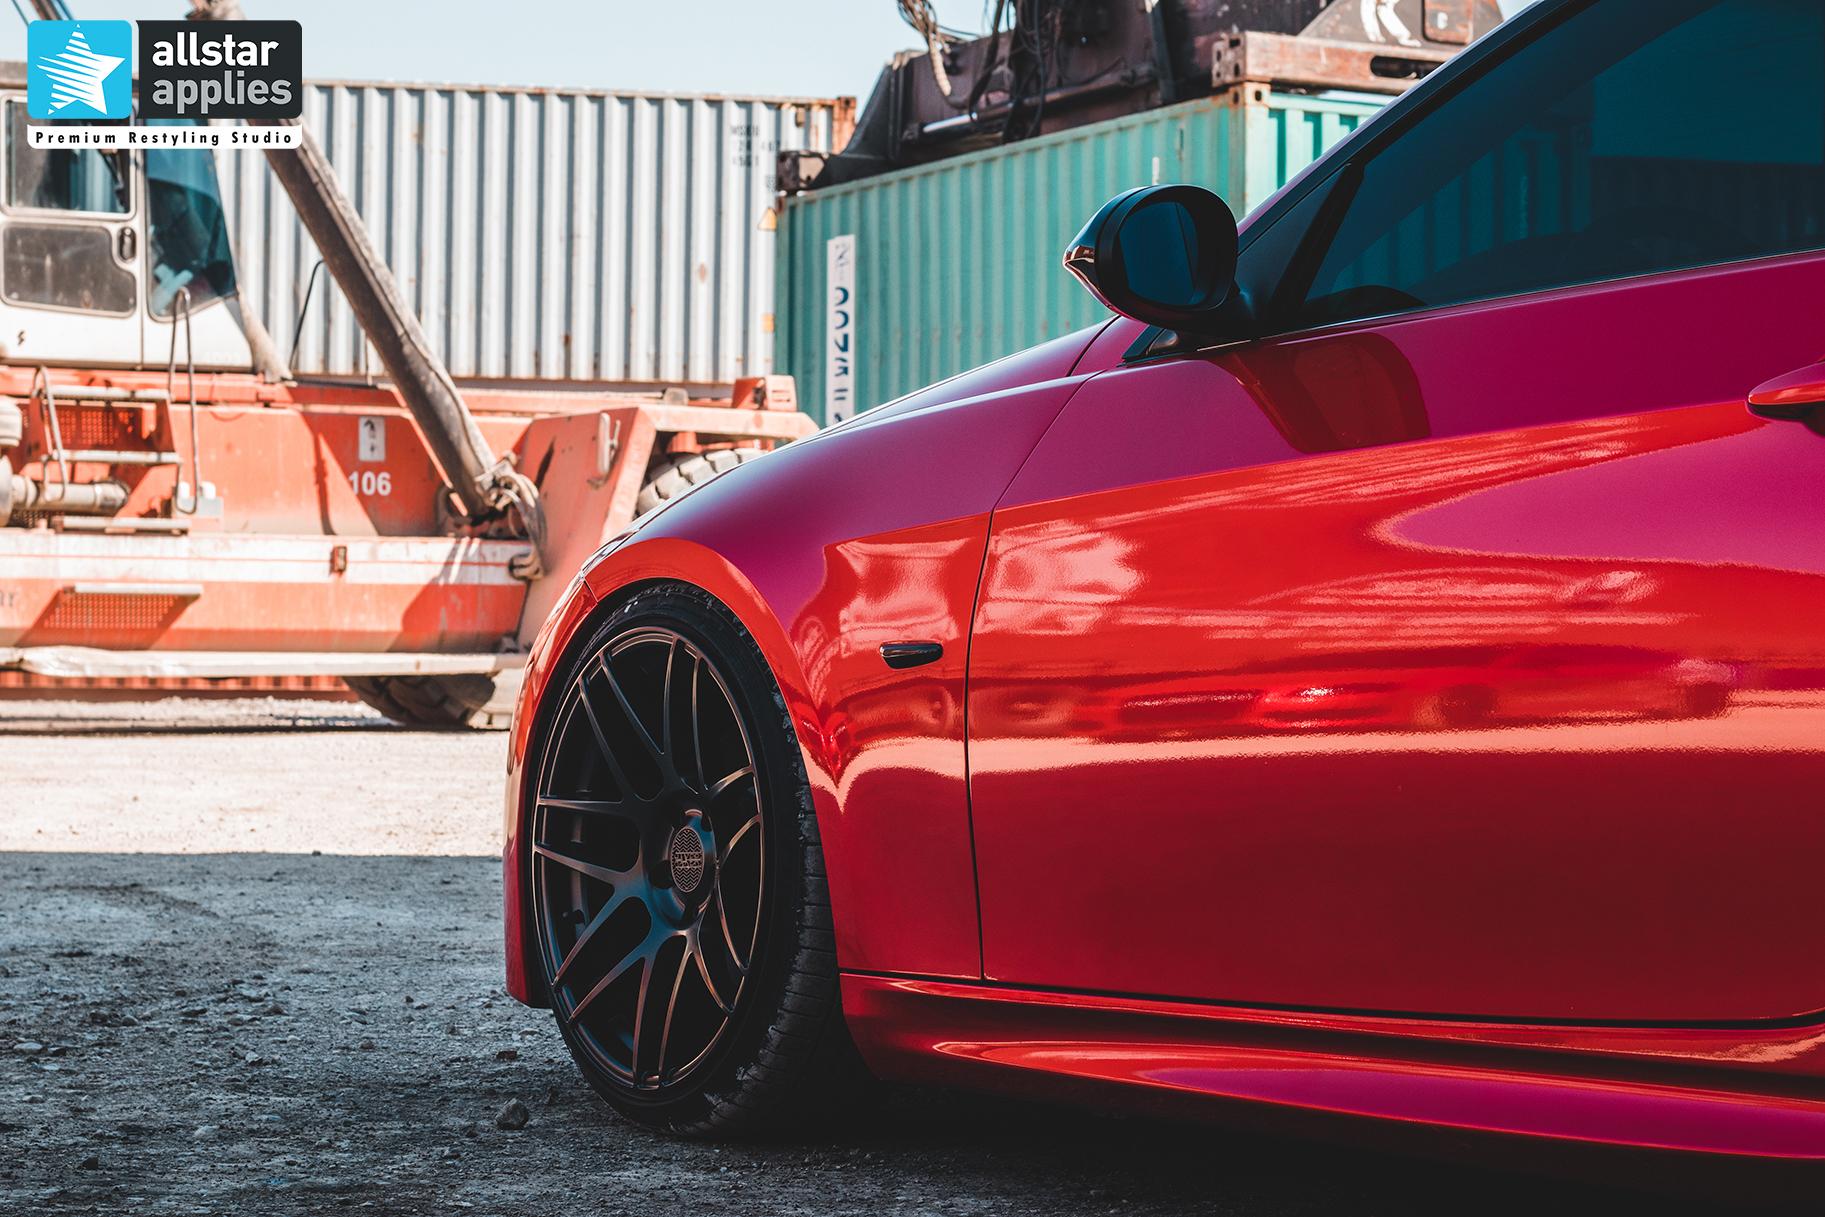 Ζάντες super car στη Θεσσαλονίκη Allstar applies